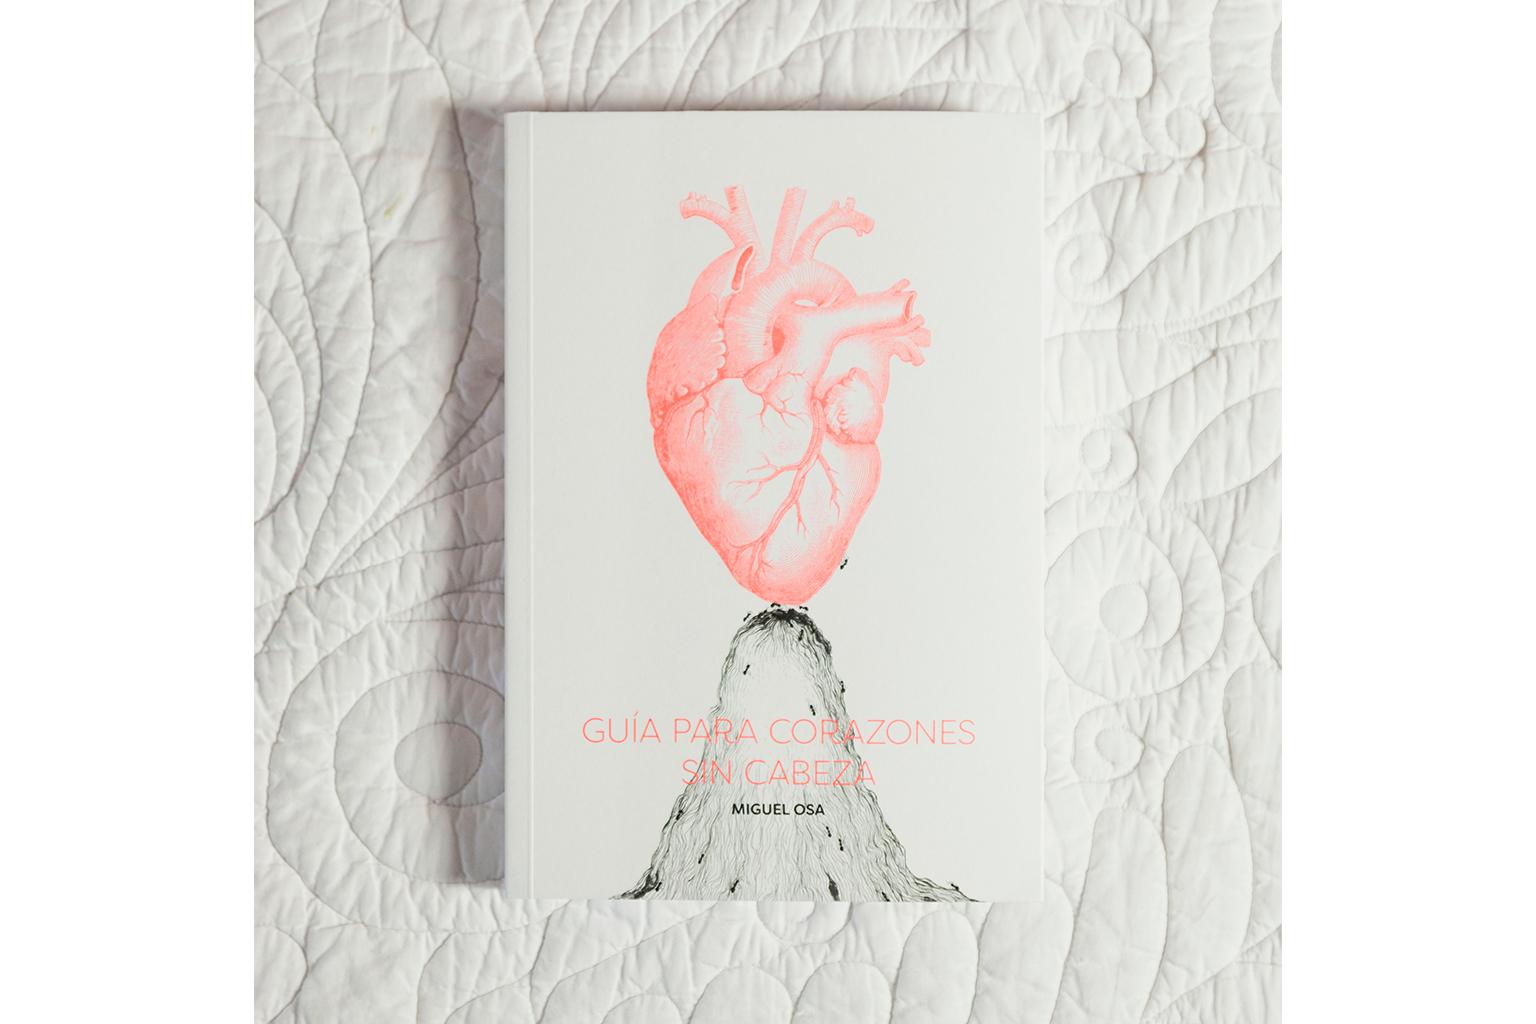 Guía para corazones sin cabeza